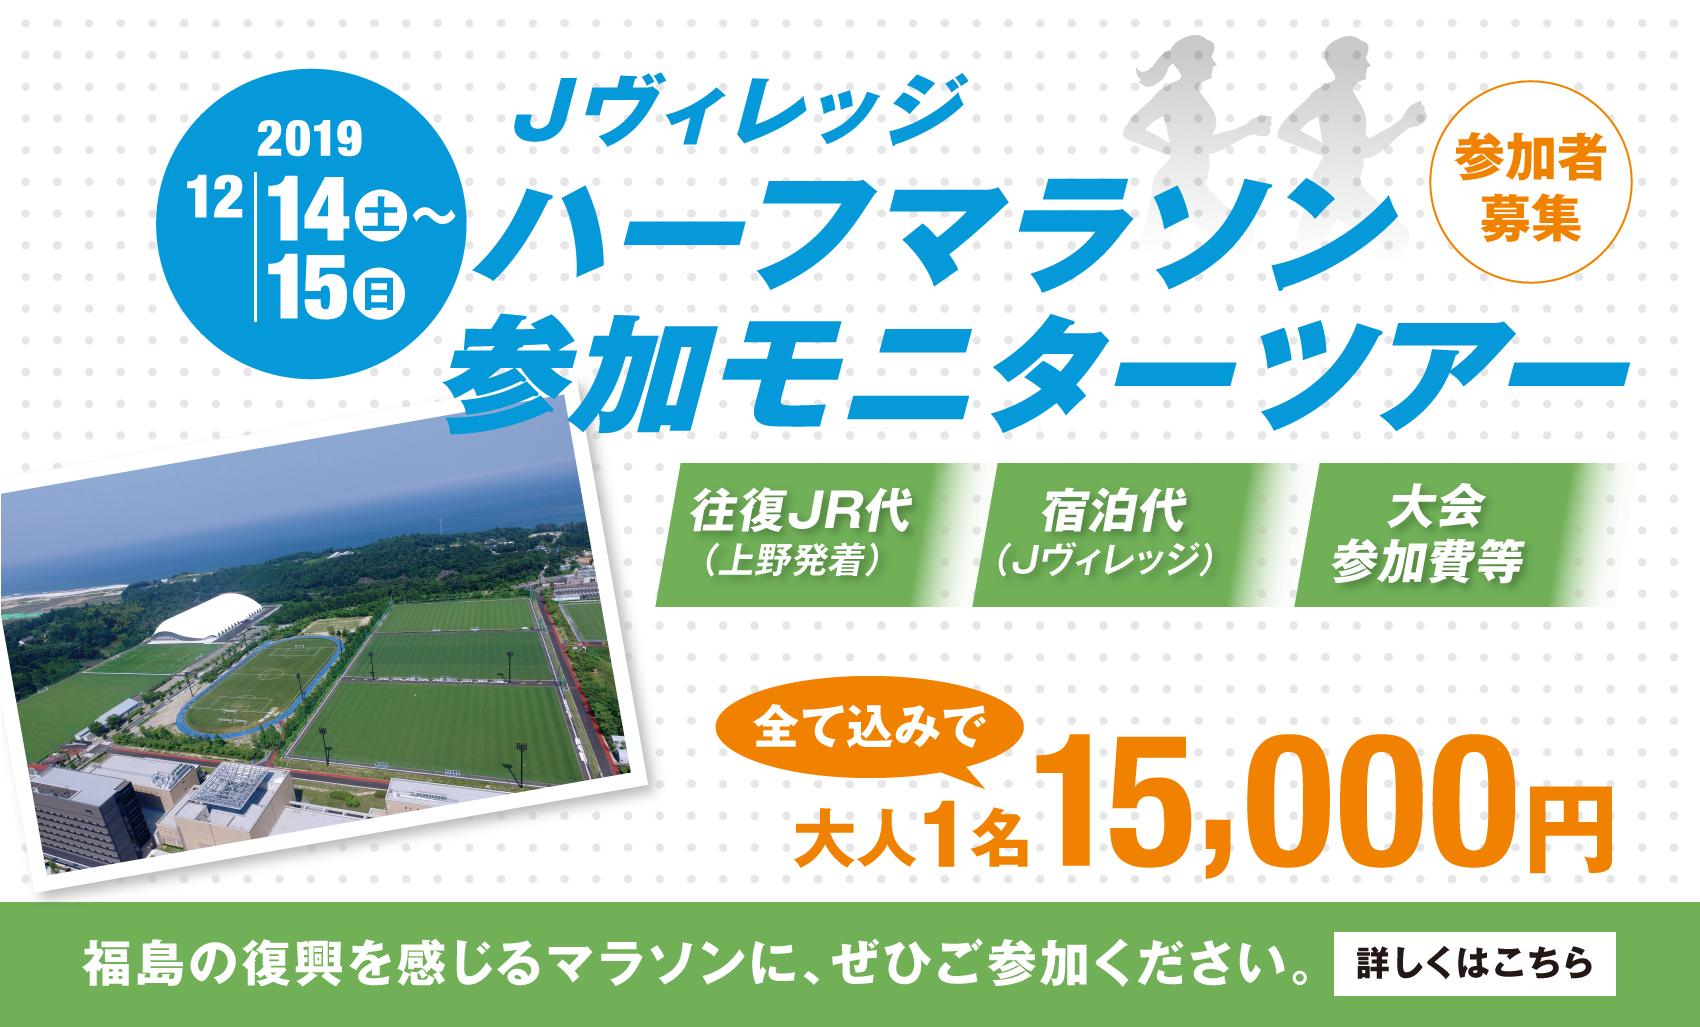 福島Jヴィレッジハーフマラソン